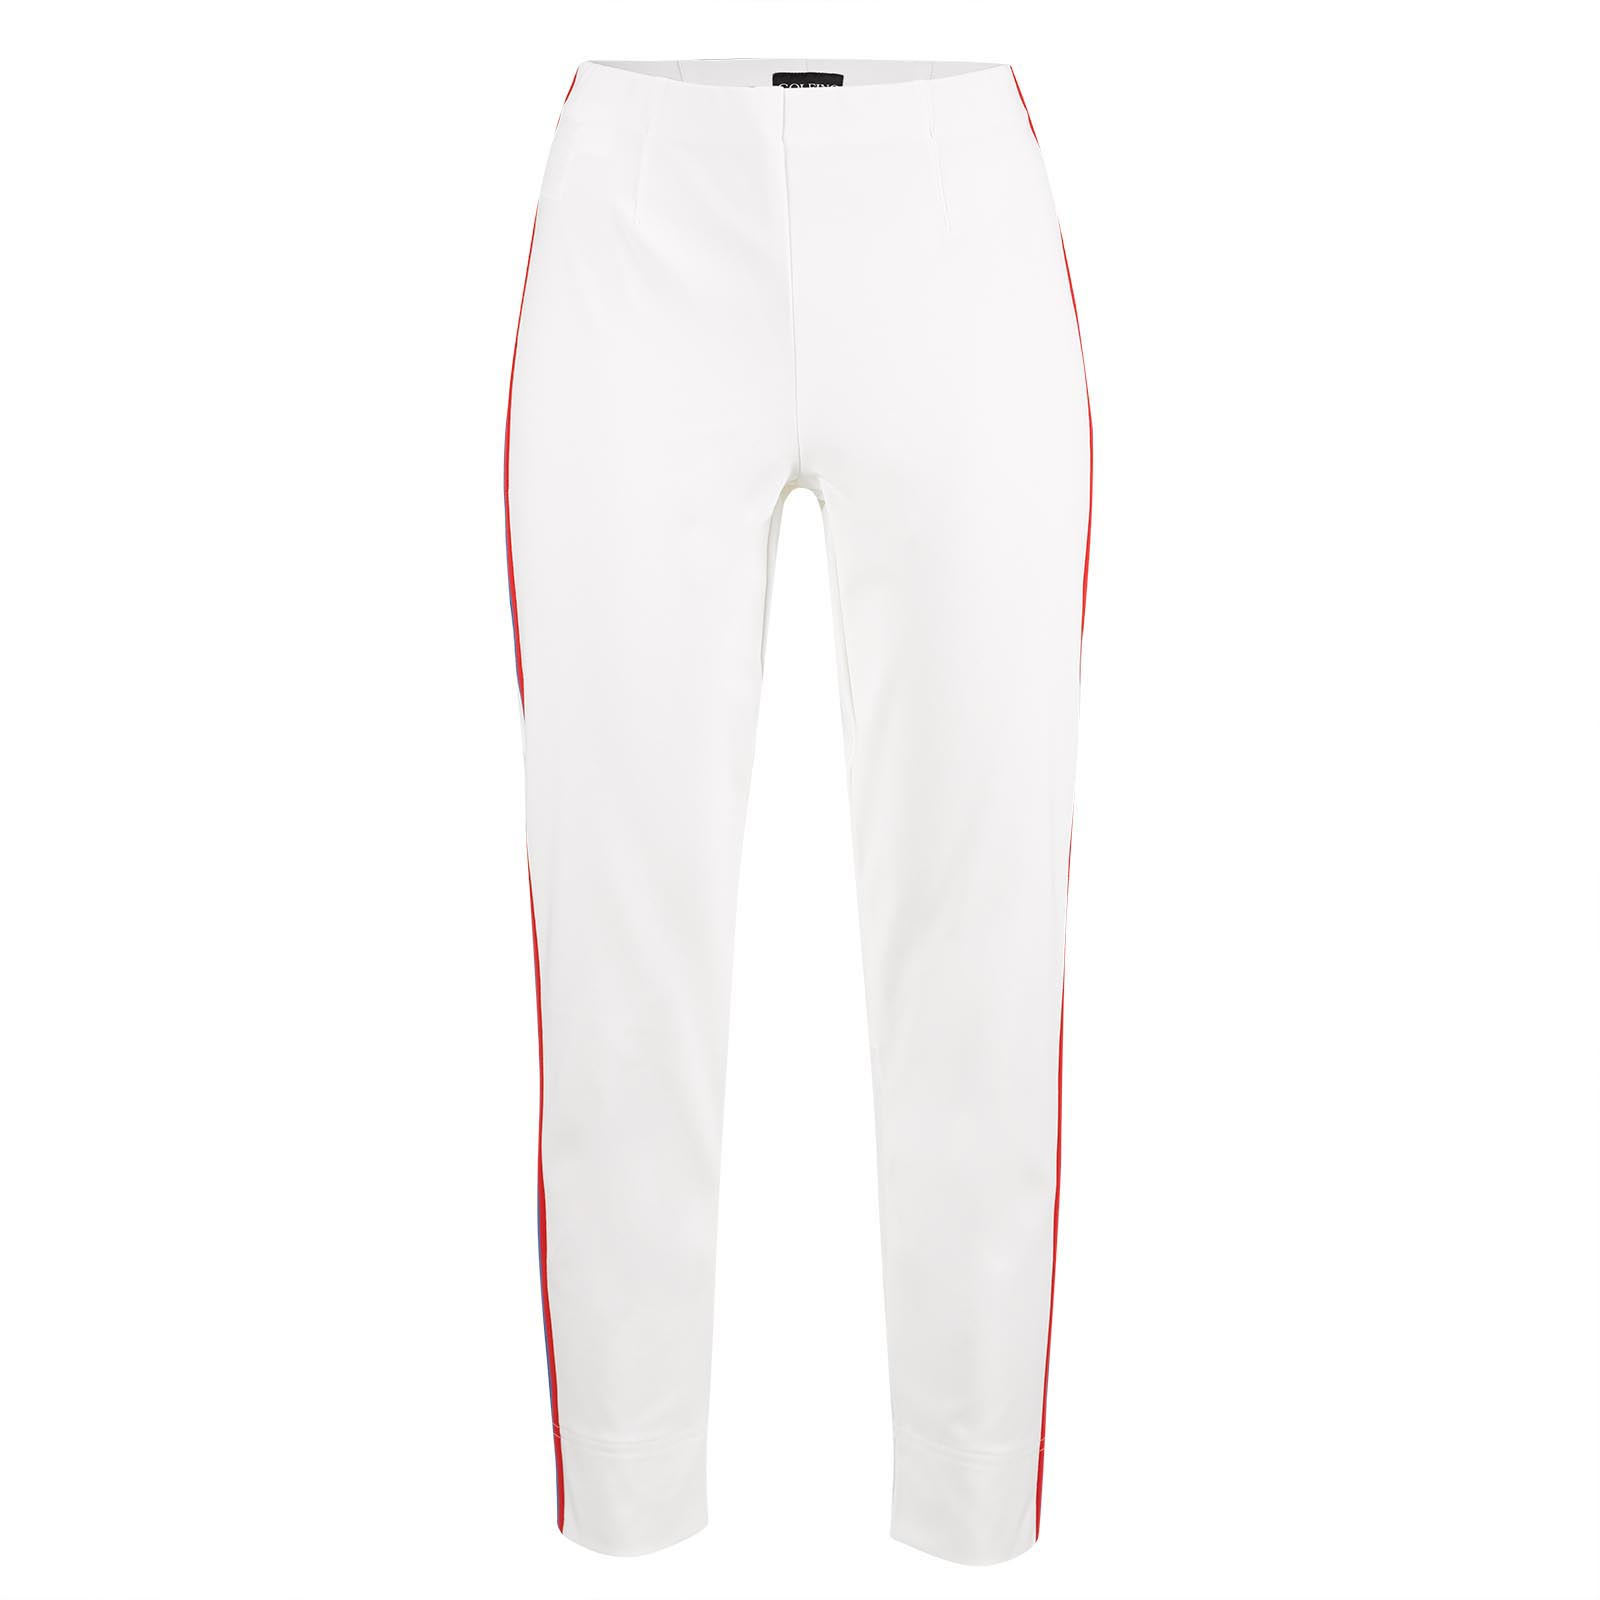 Damen 7/8-Golfhose aus leichtem Baumwoll-Mix für eine schlanke Passform